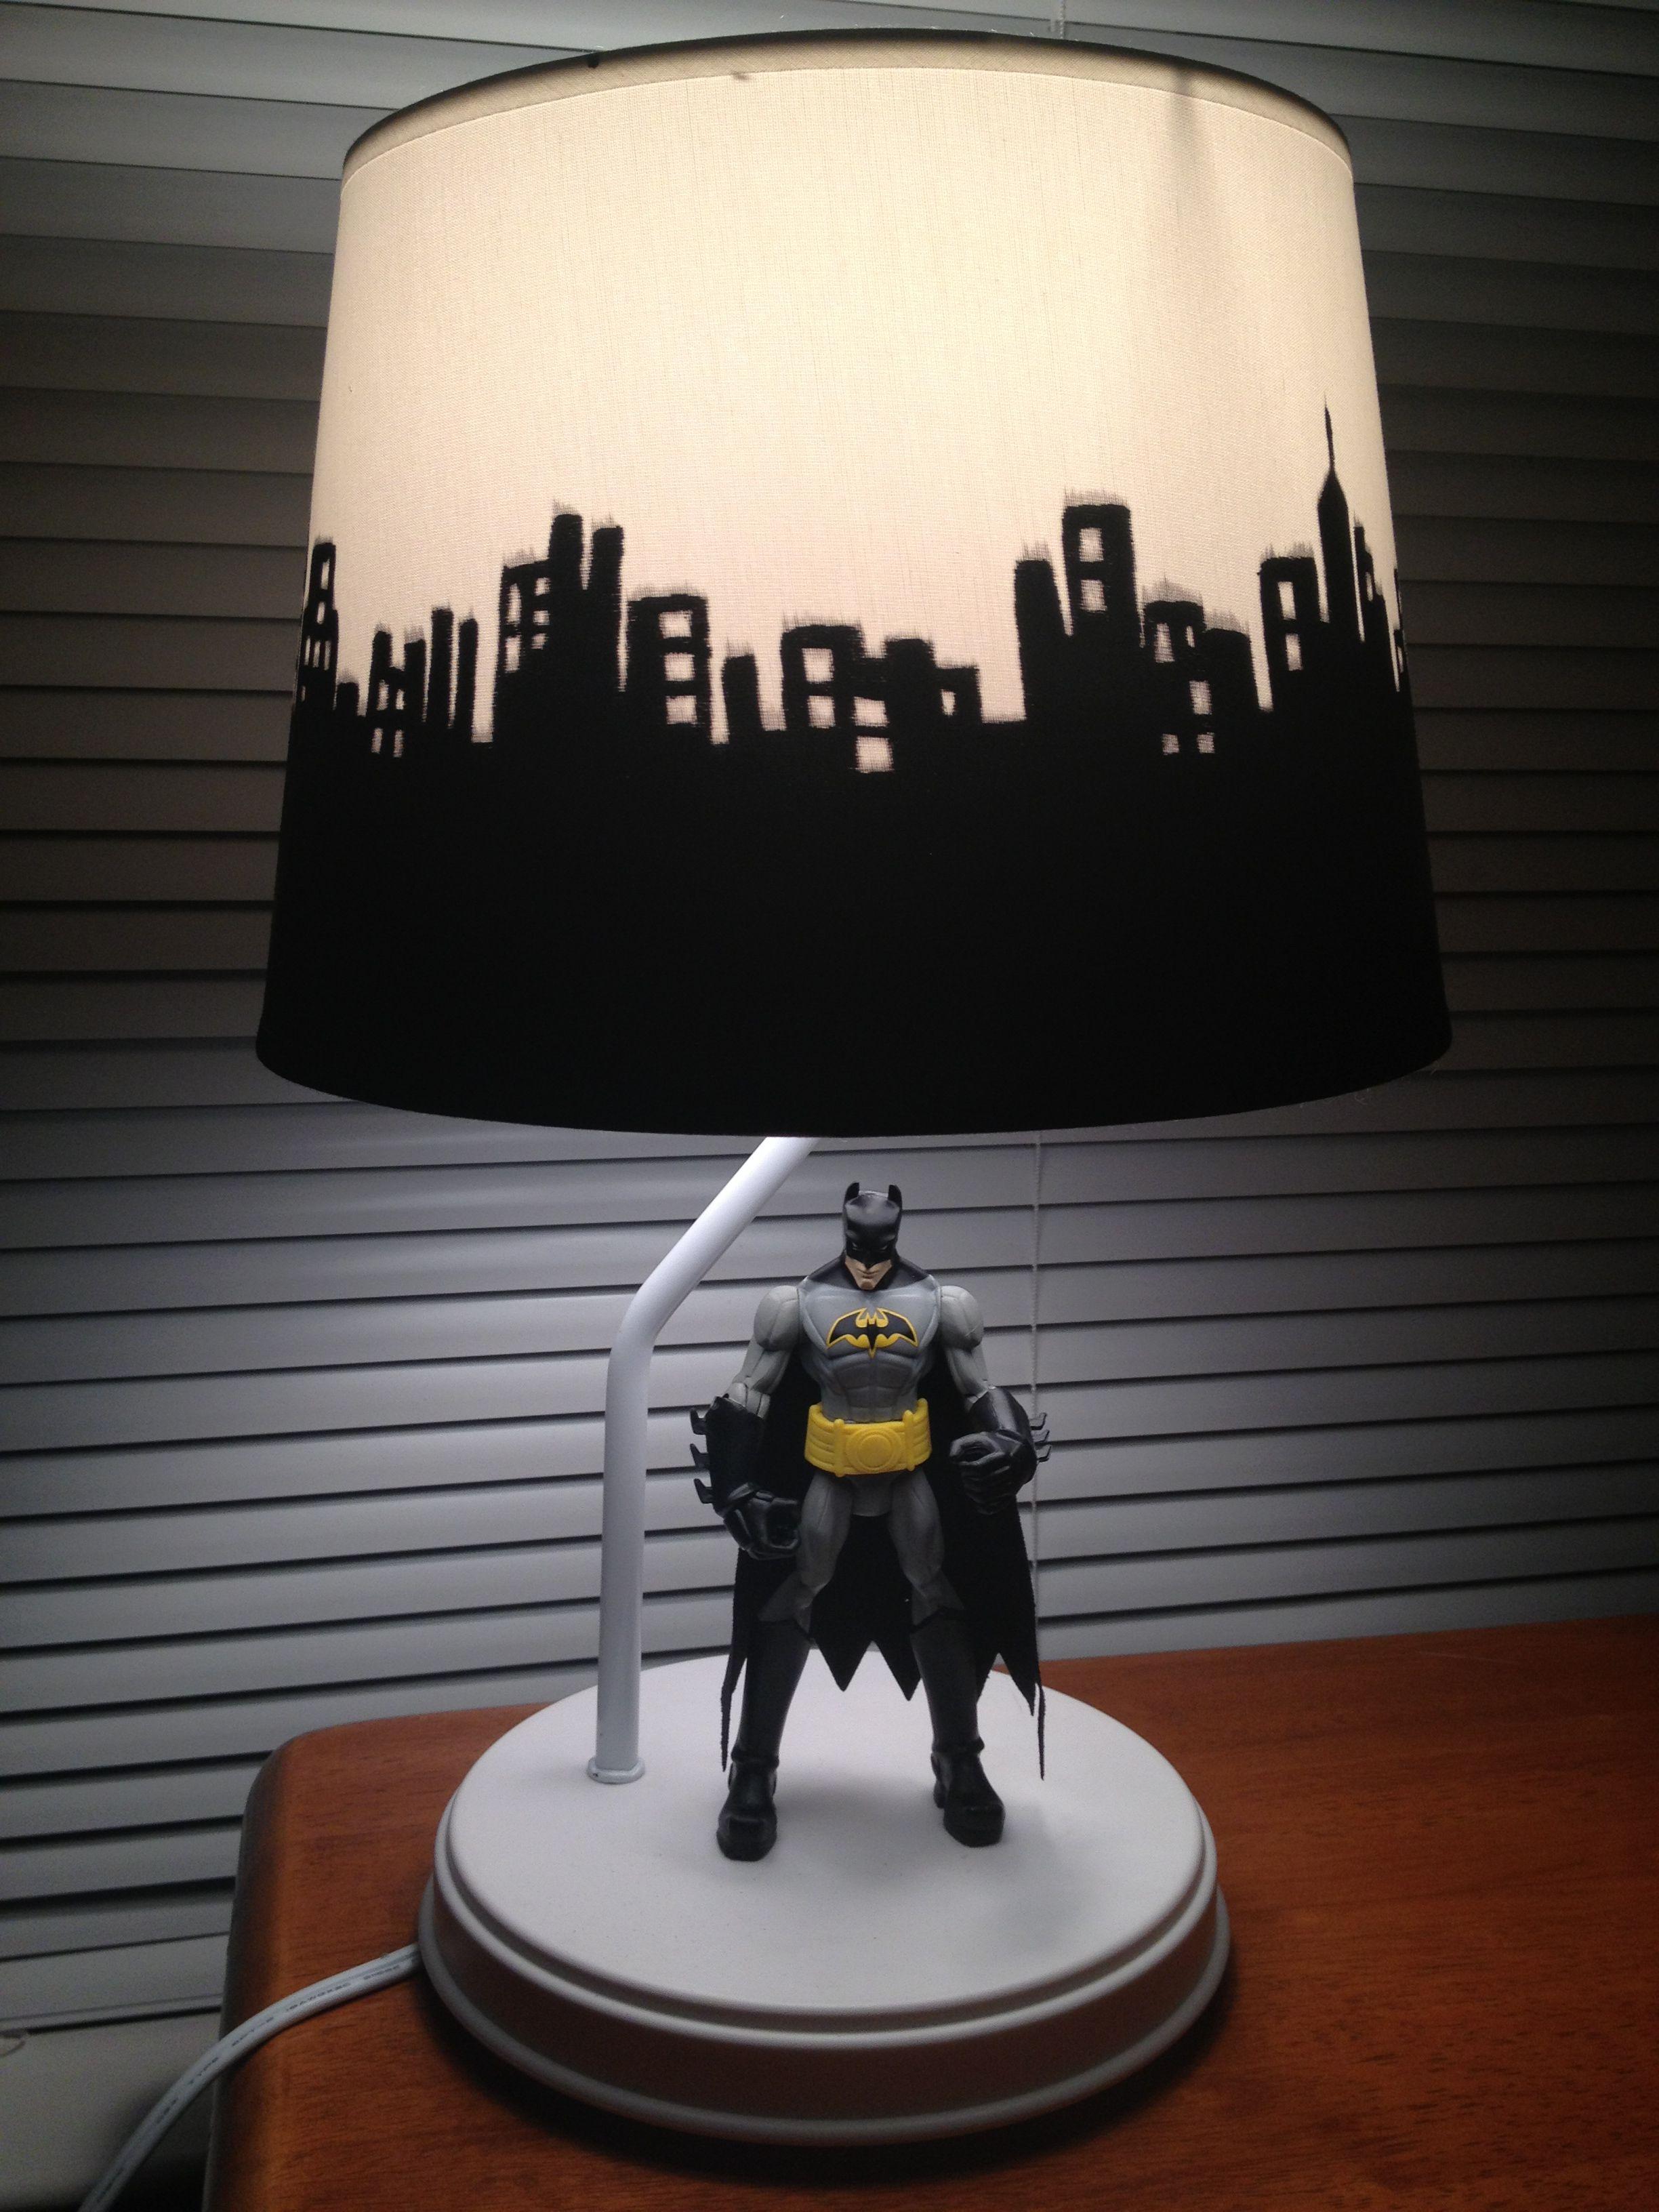 Batman Lamp | BATMAN in 2019 | Batman bedroom, Batman lamp, Batman ...